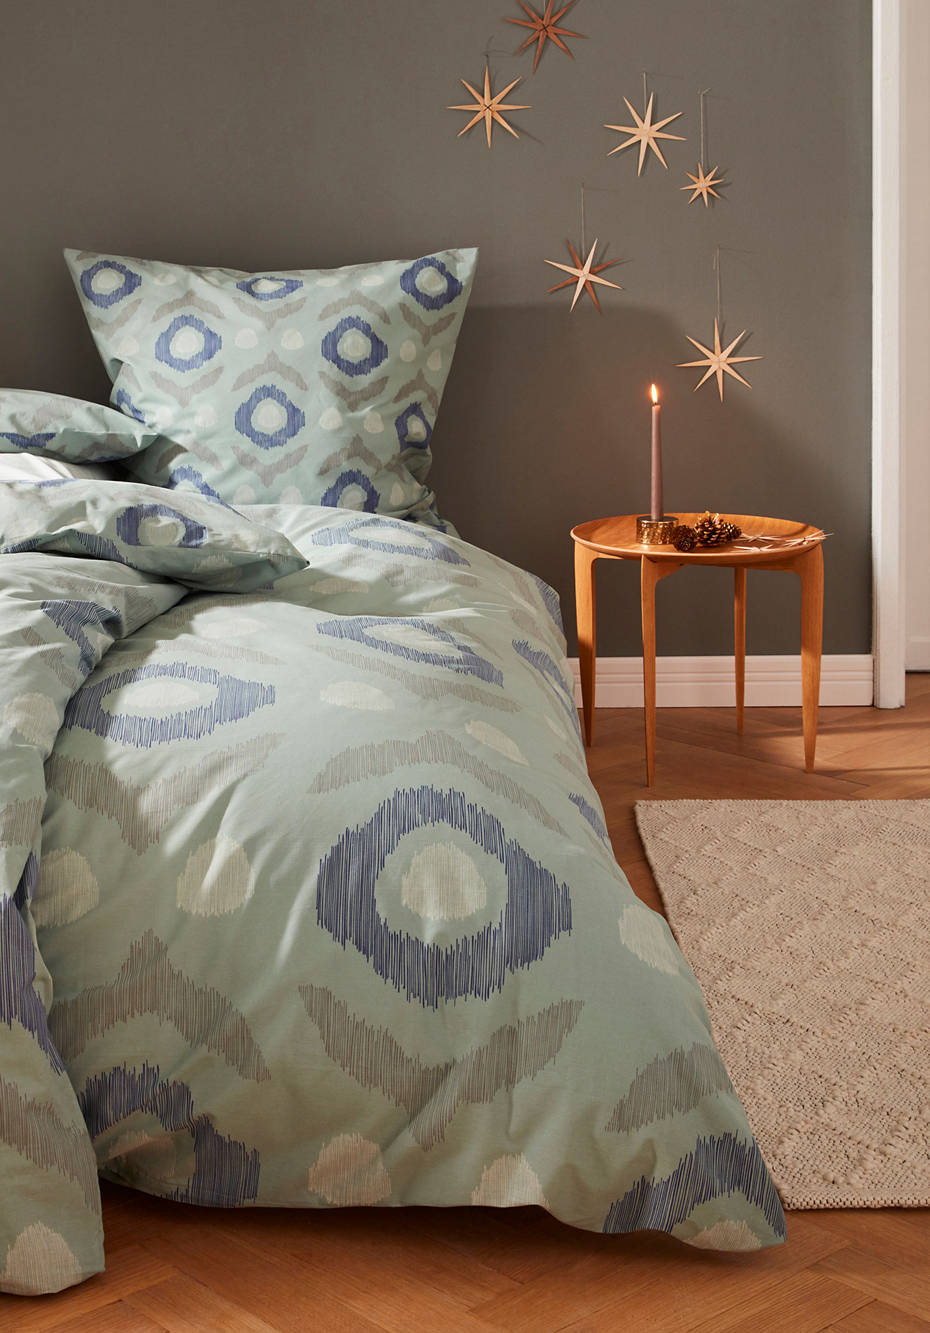 Zopfmuster-Teppich aus reiner Deichschaf-Wolle